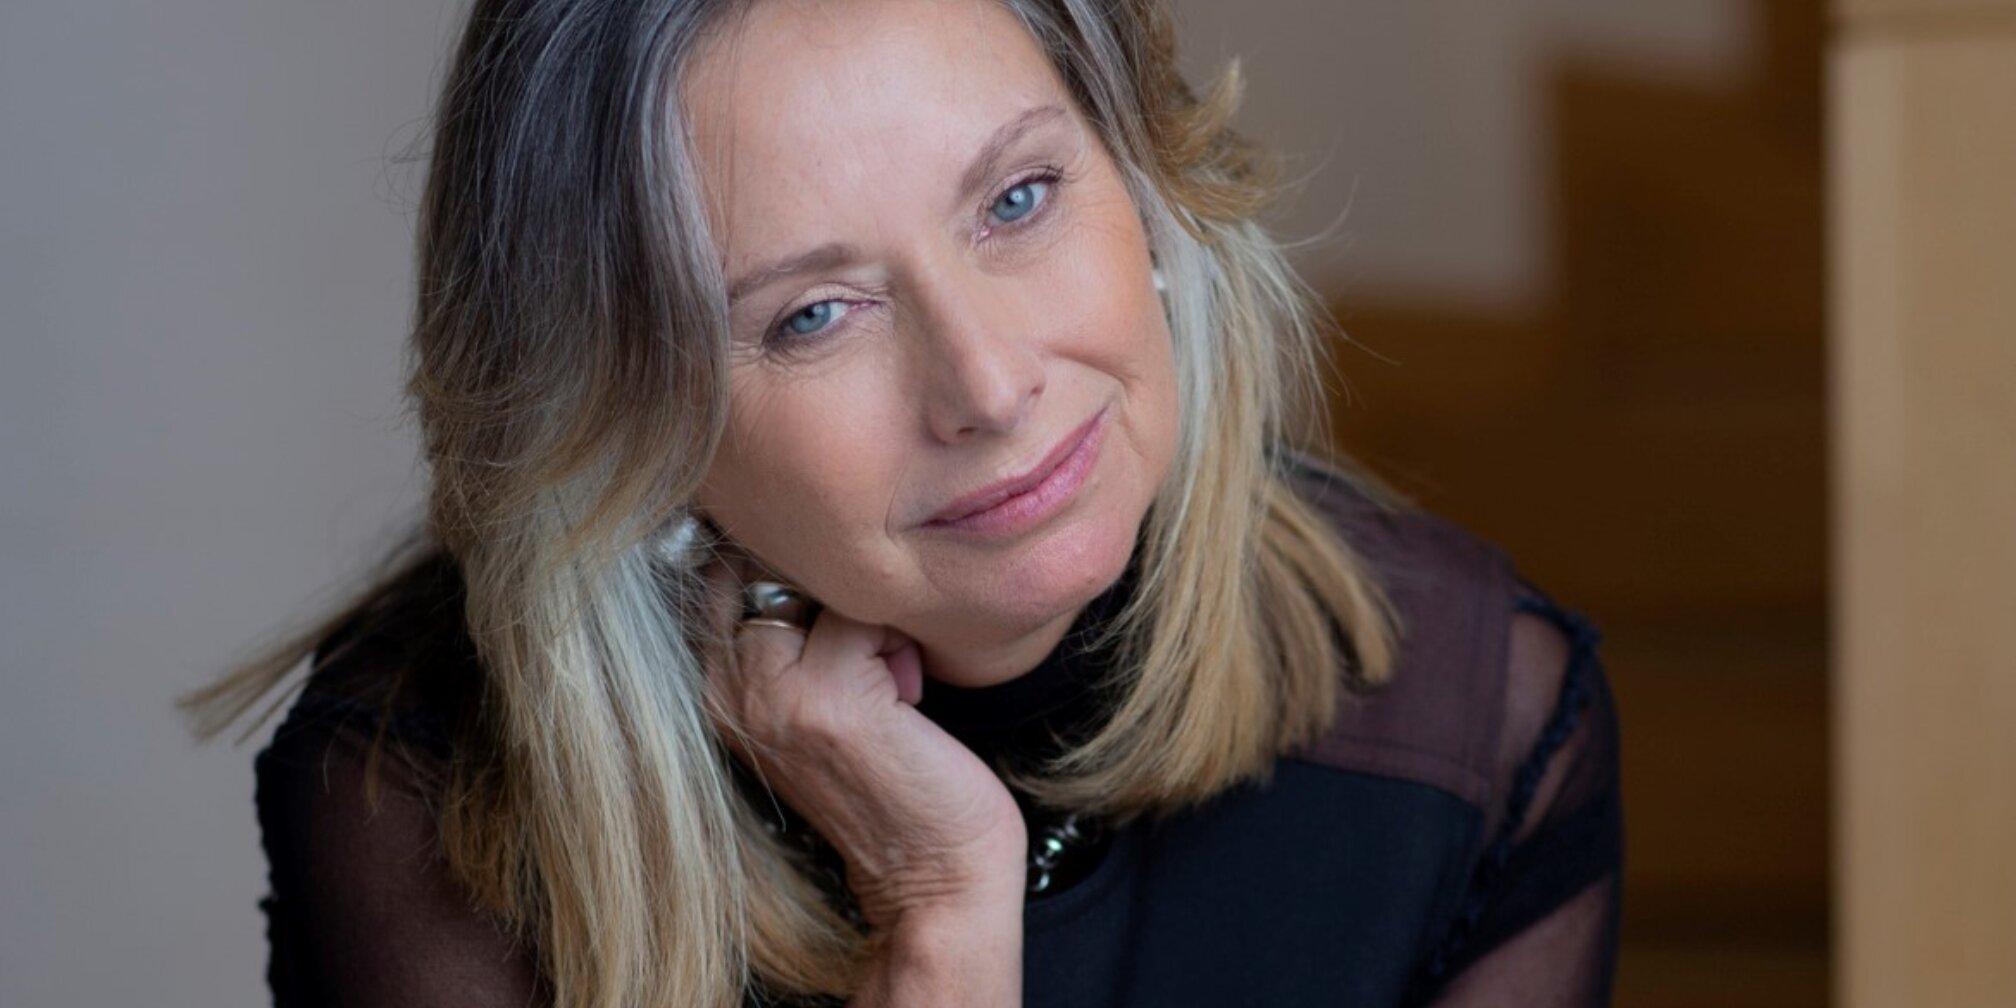 Anita Zabludowicz. Photo: David Bebber